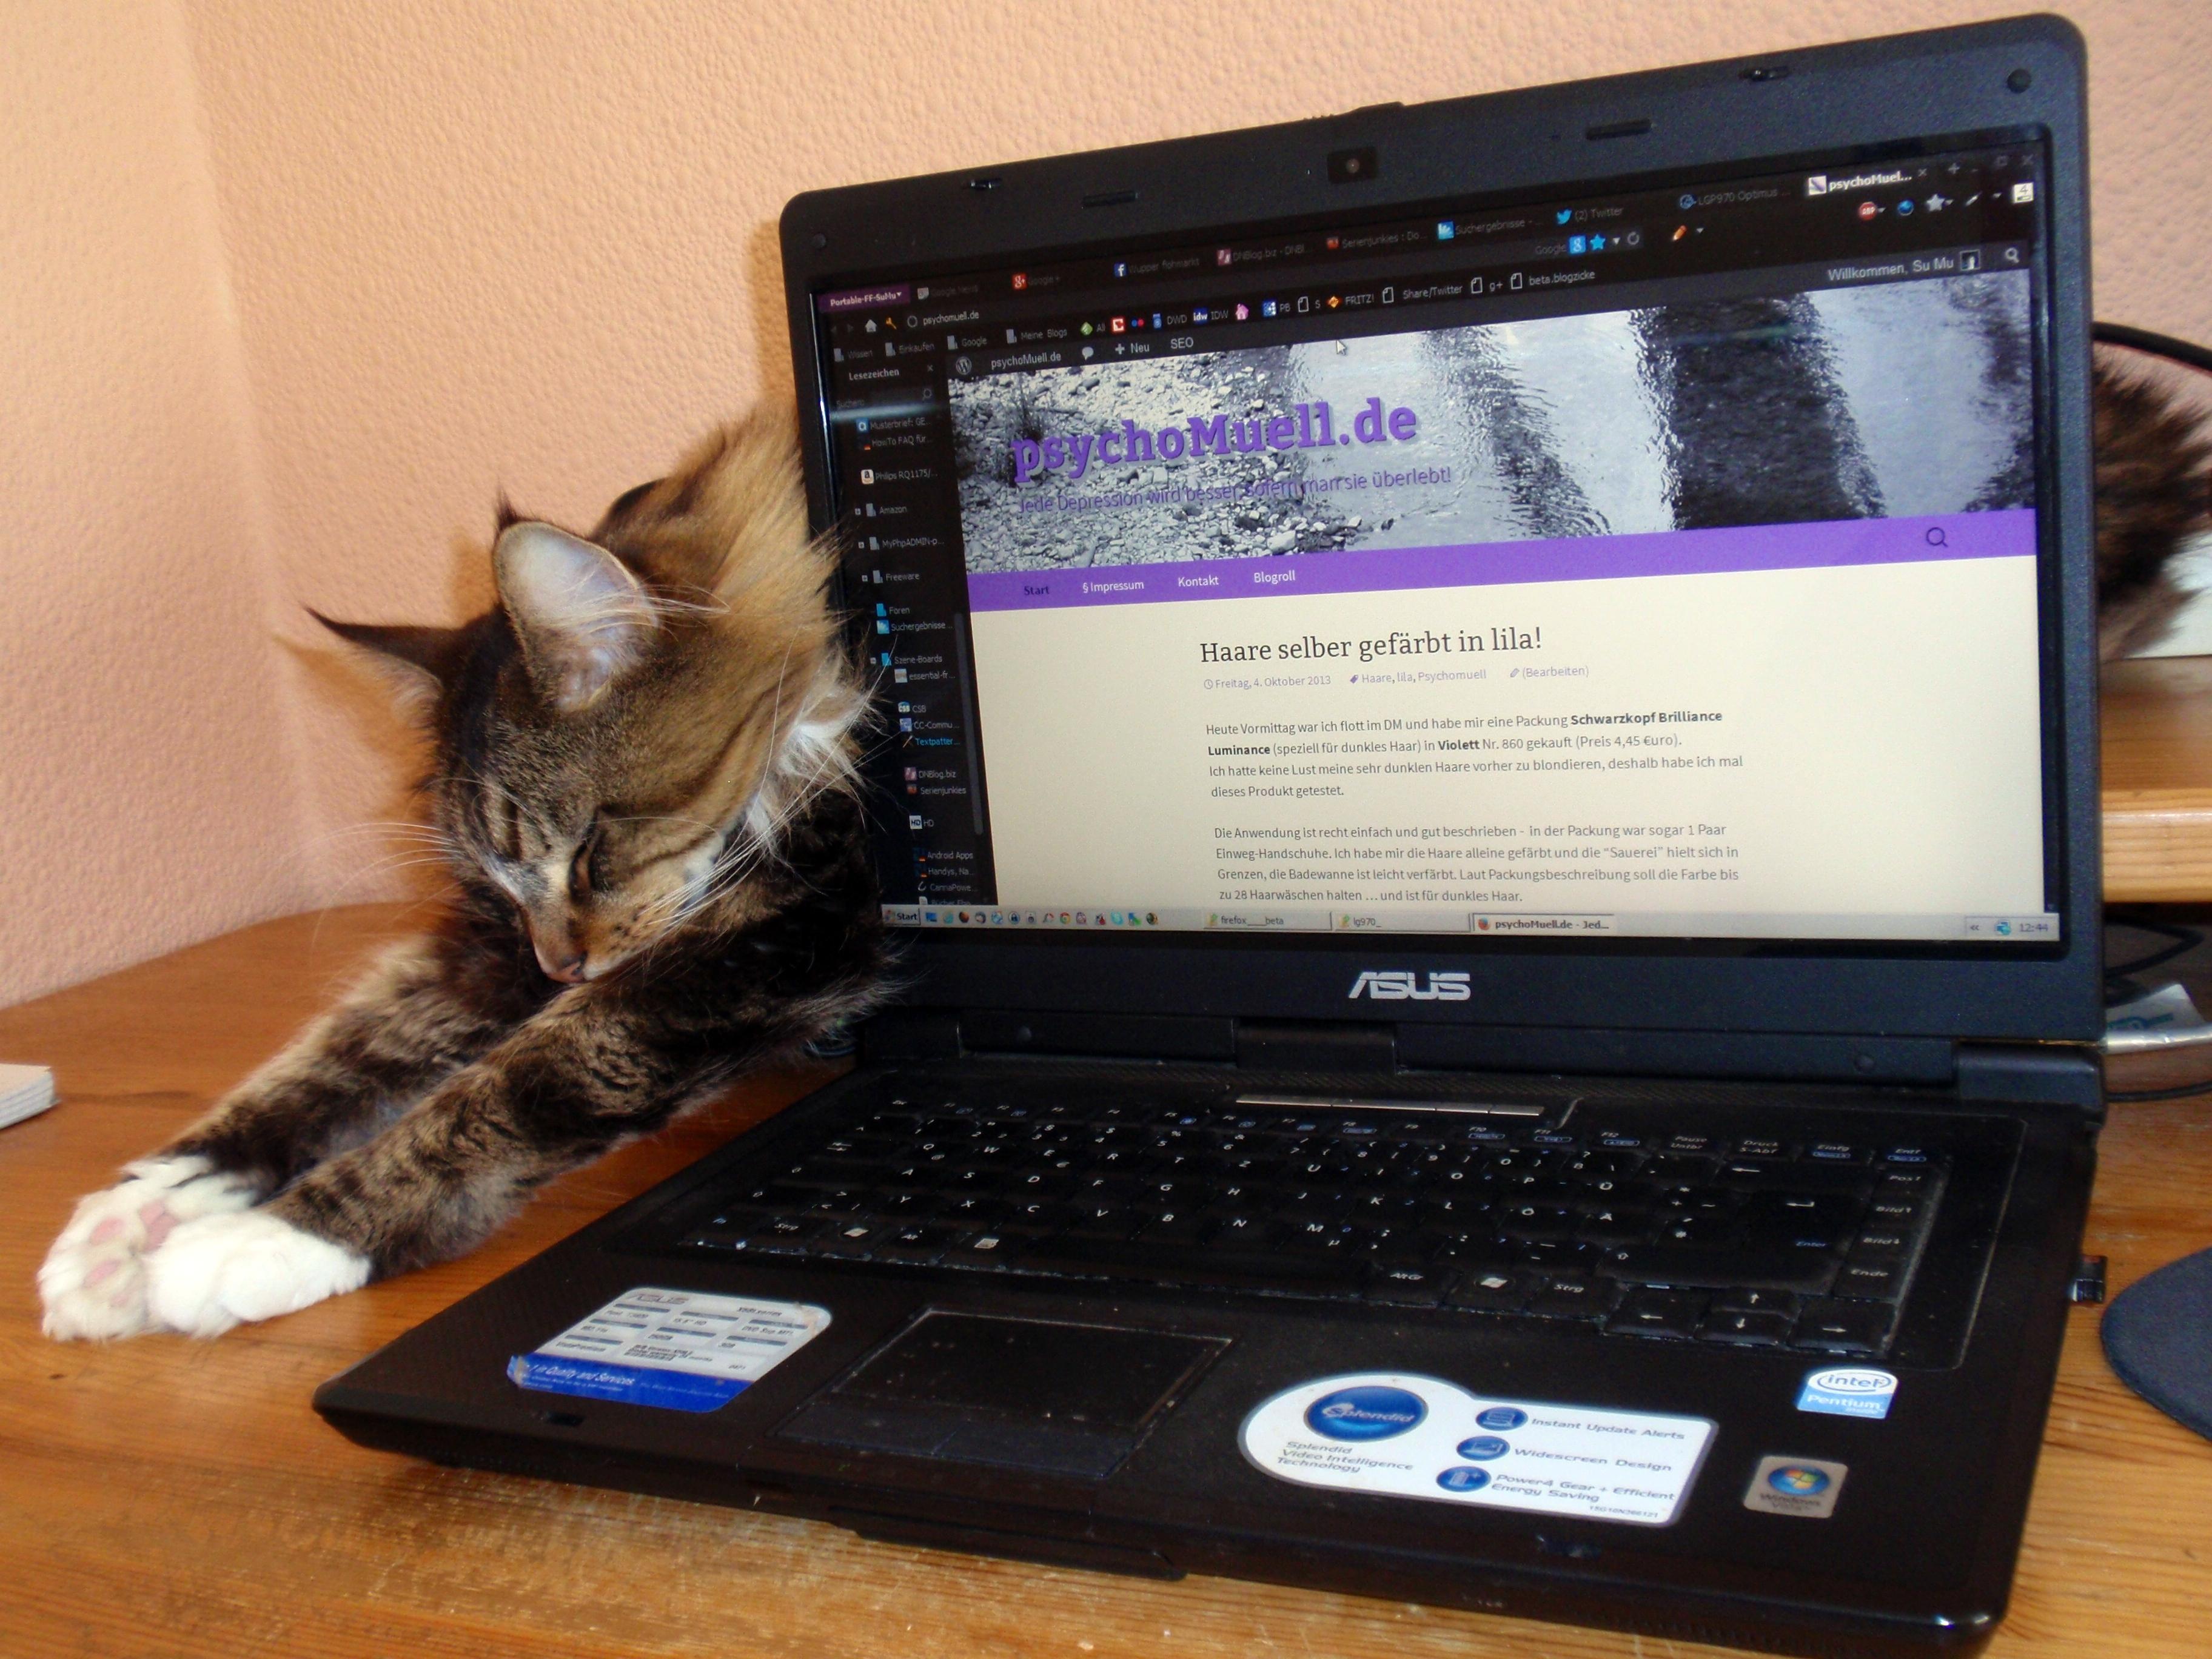 Adonis liegt hinter dem Laptop